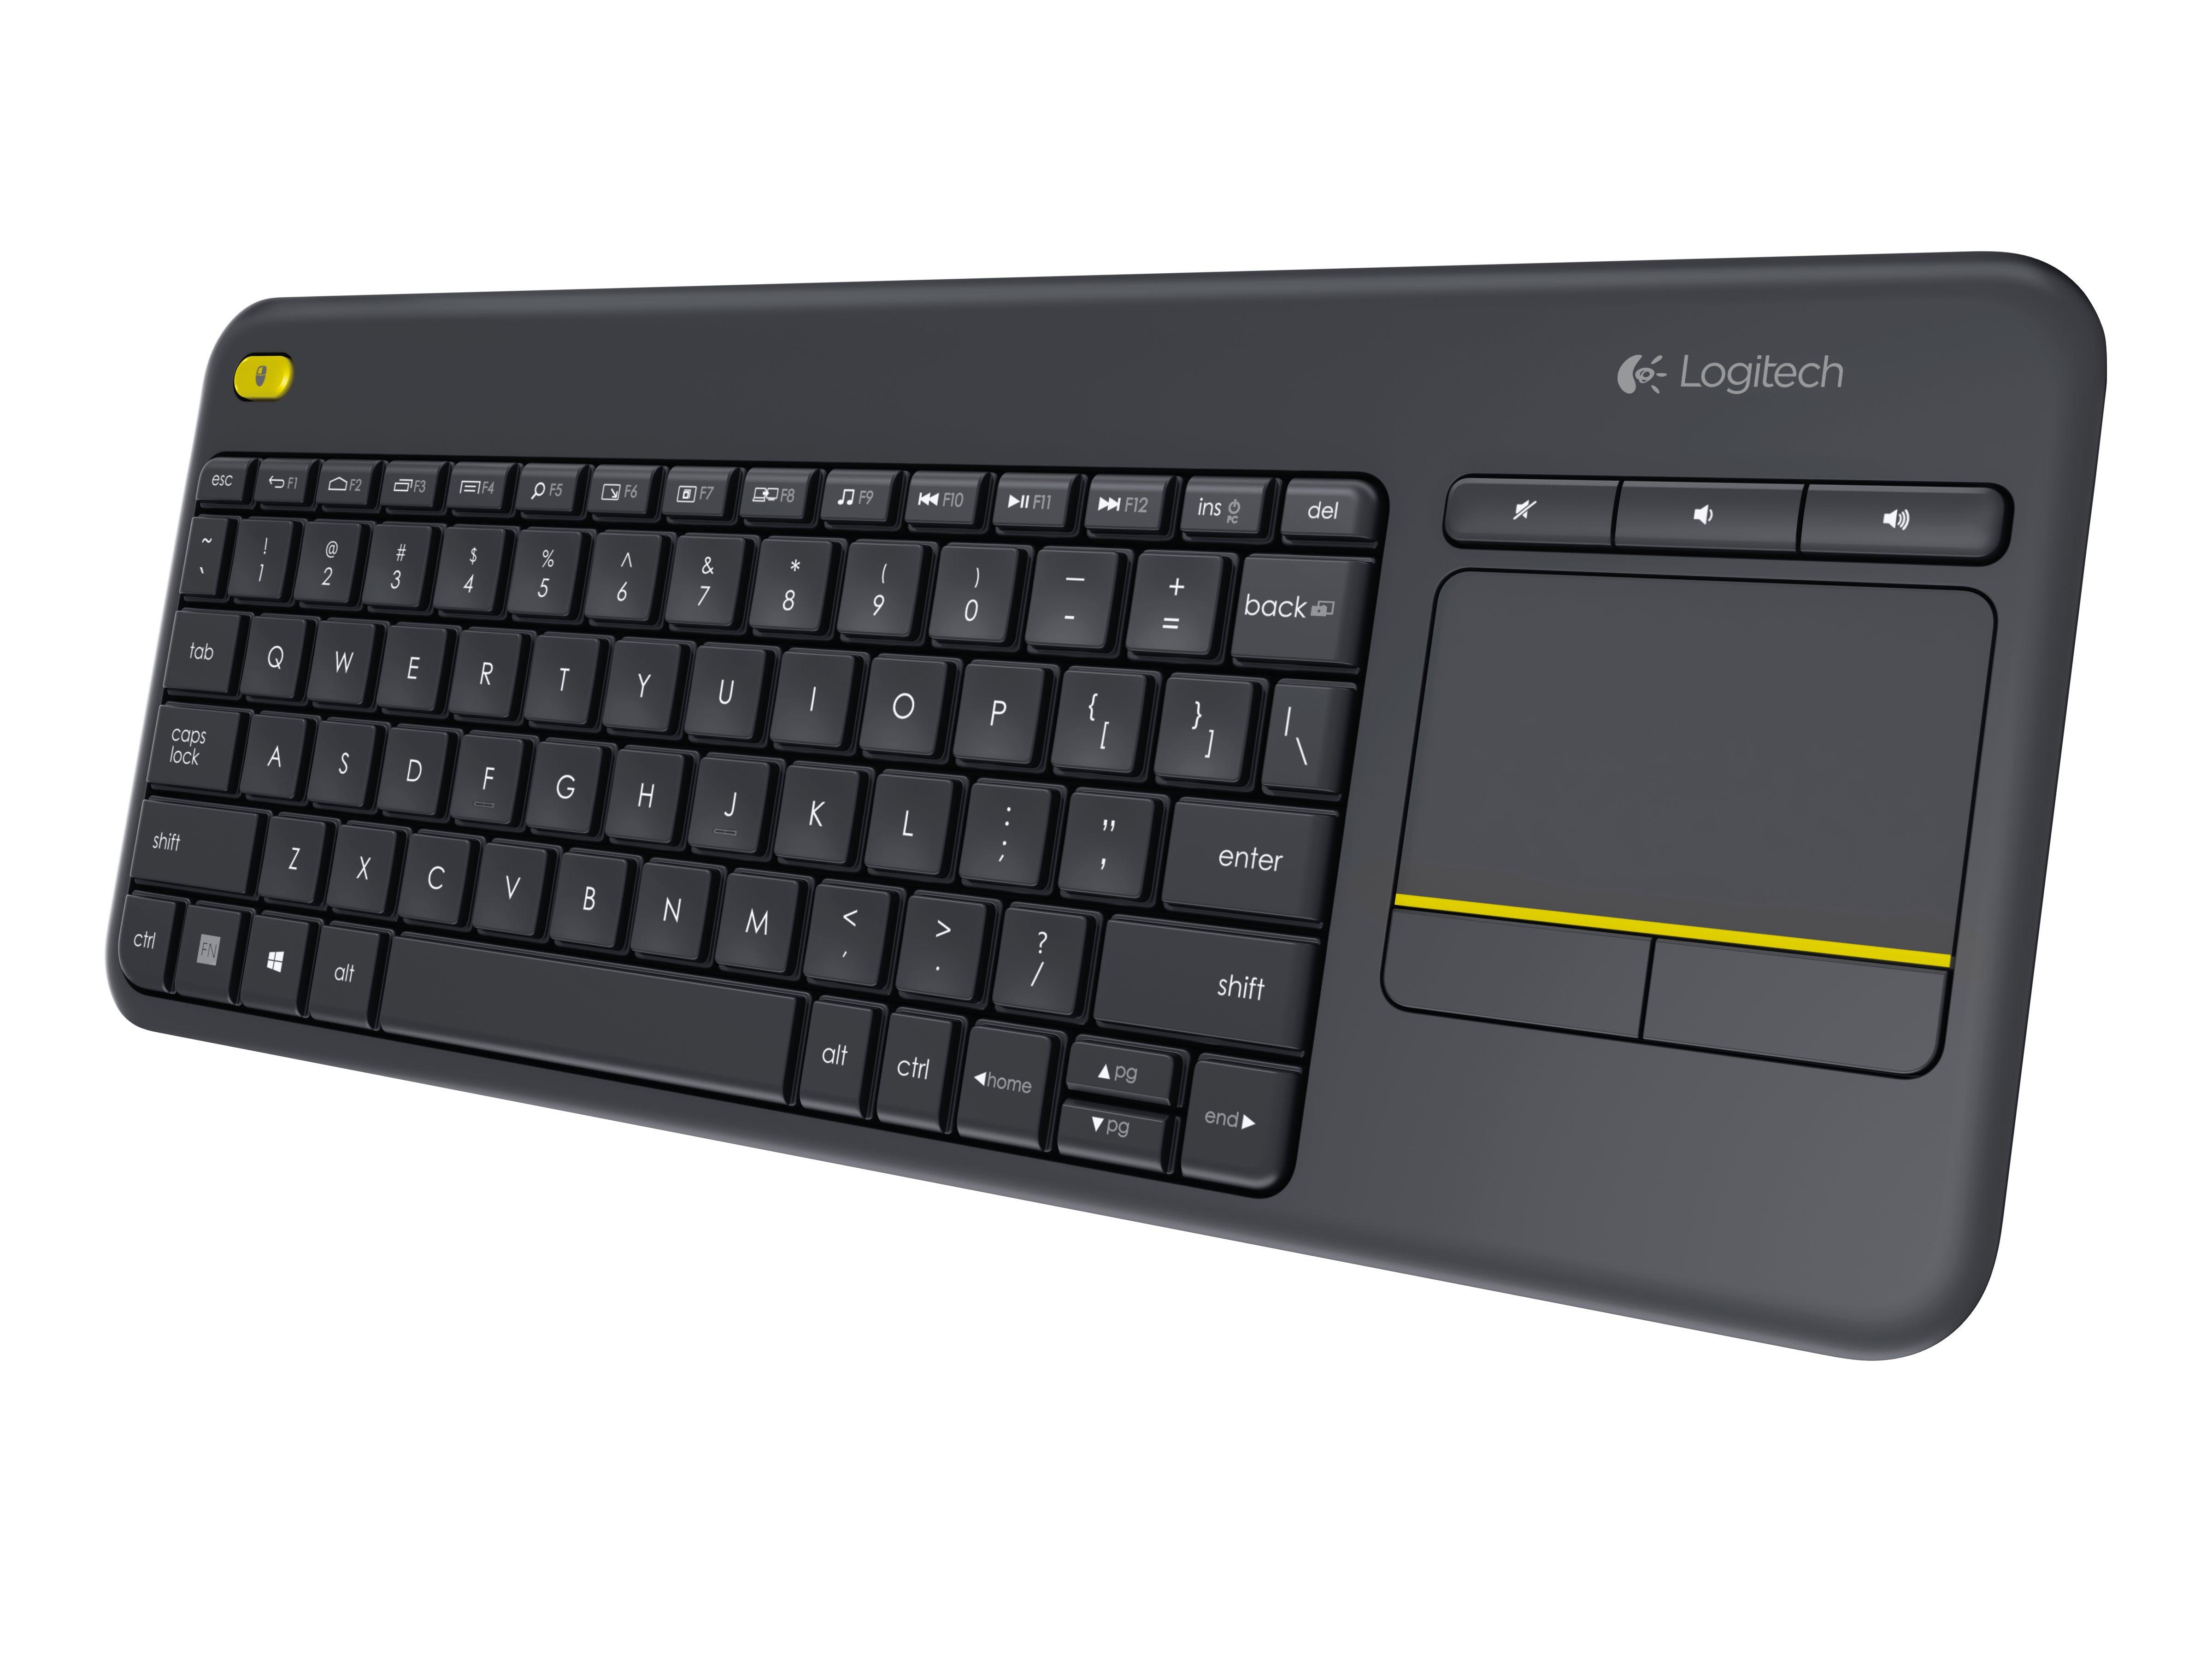 Logitech Wireless Touch Keyboard K400 Plus review: Stylish couch keyboard |  Macworld